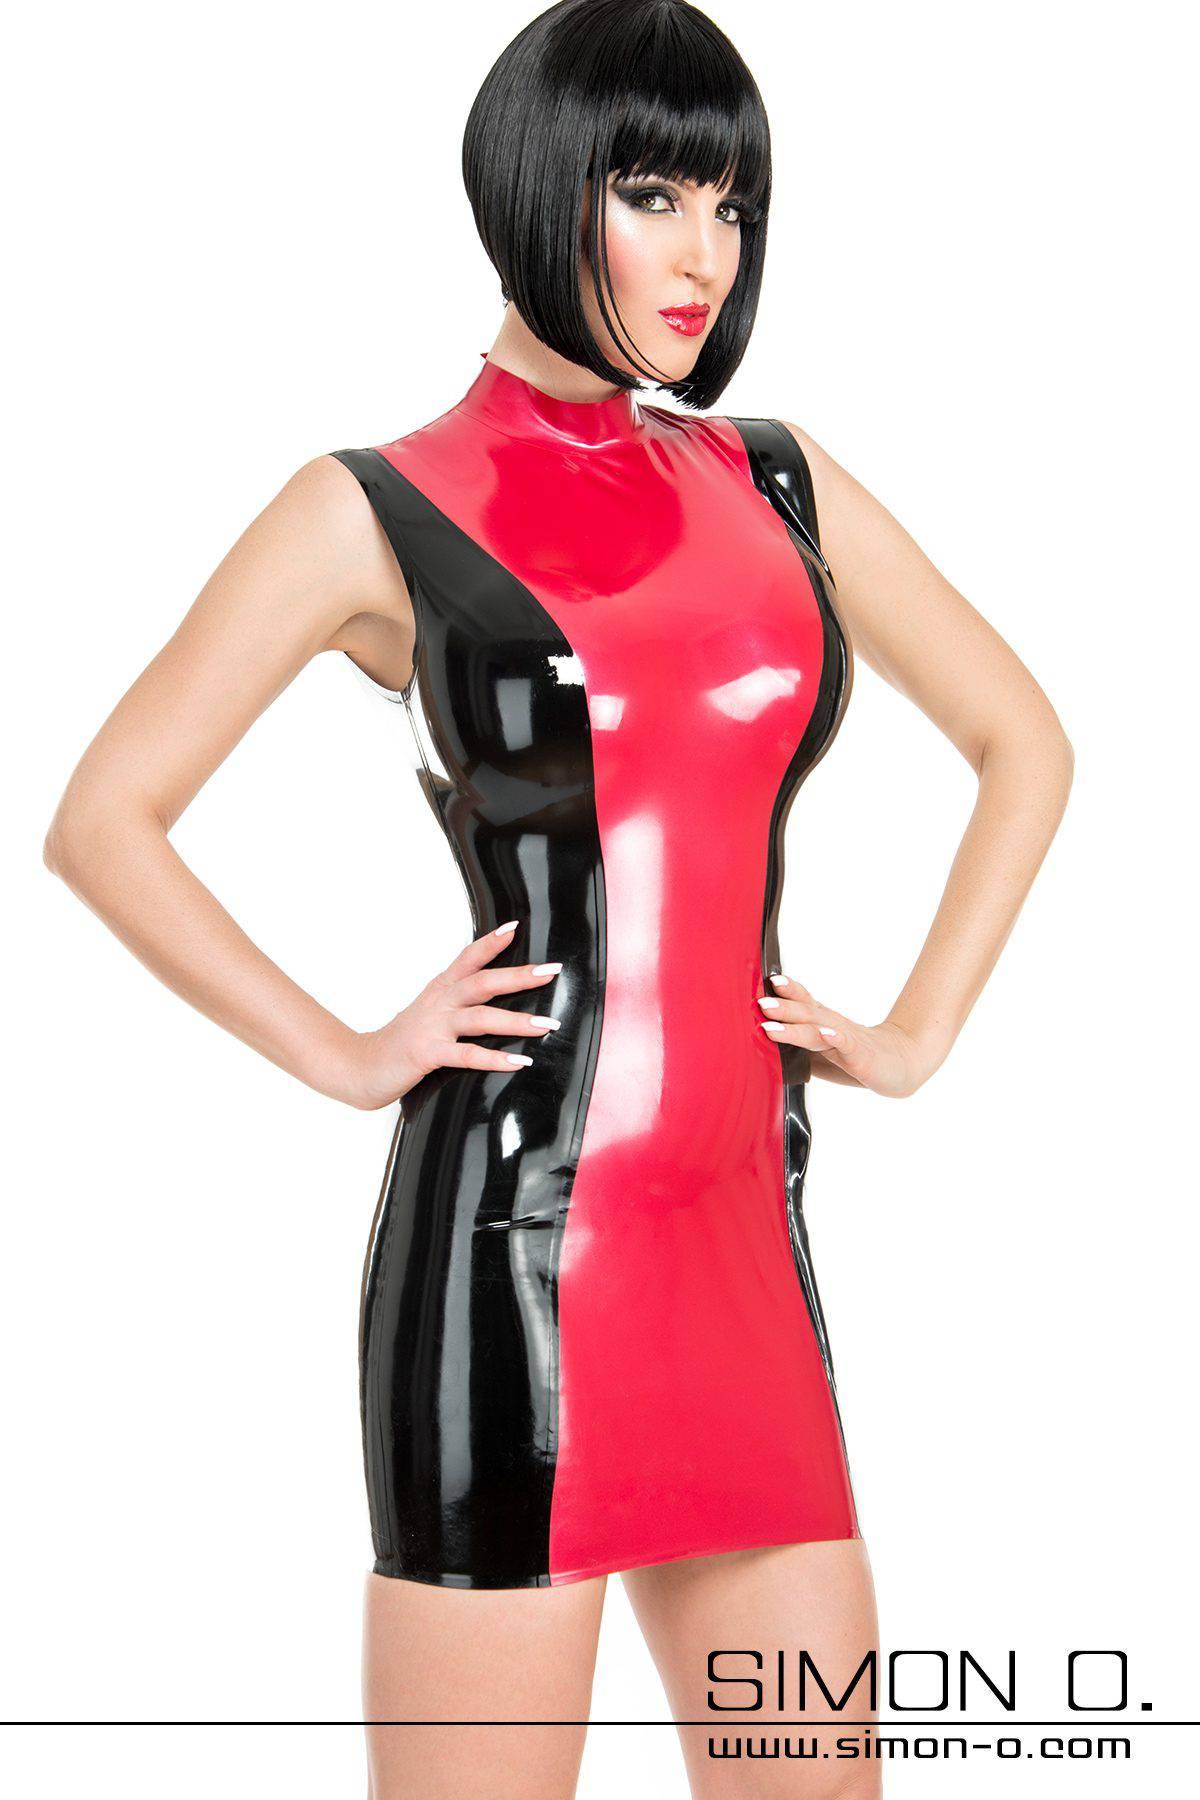 Hauteneges Latex Minikleid in Rot mit Schwarz von vorne gesehen